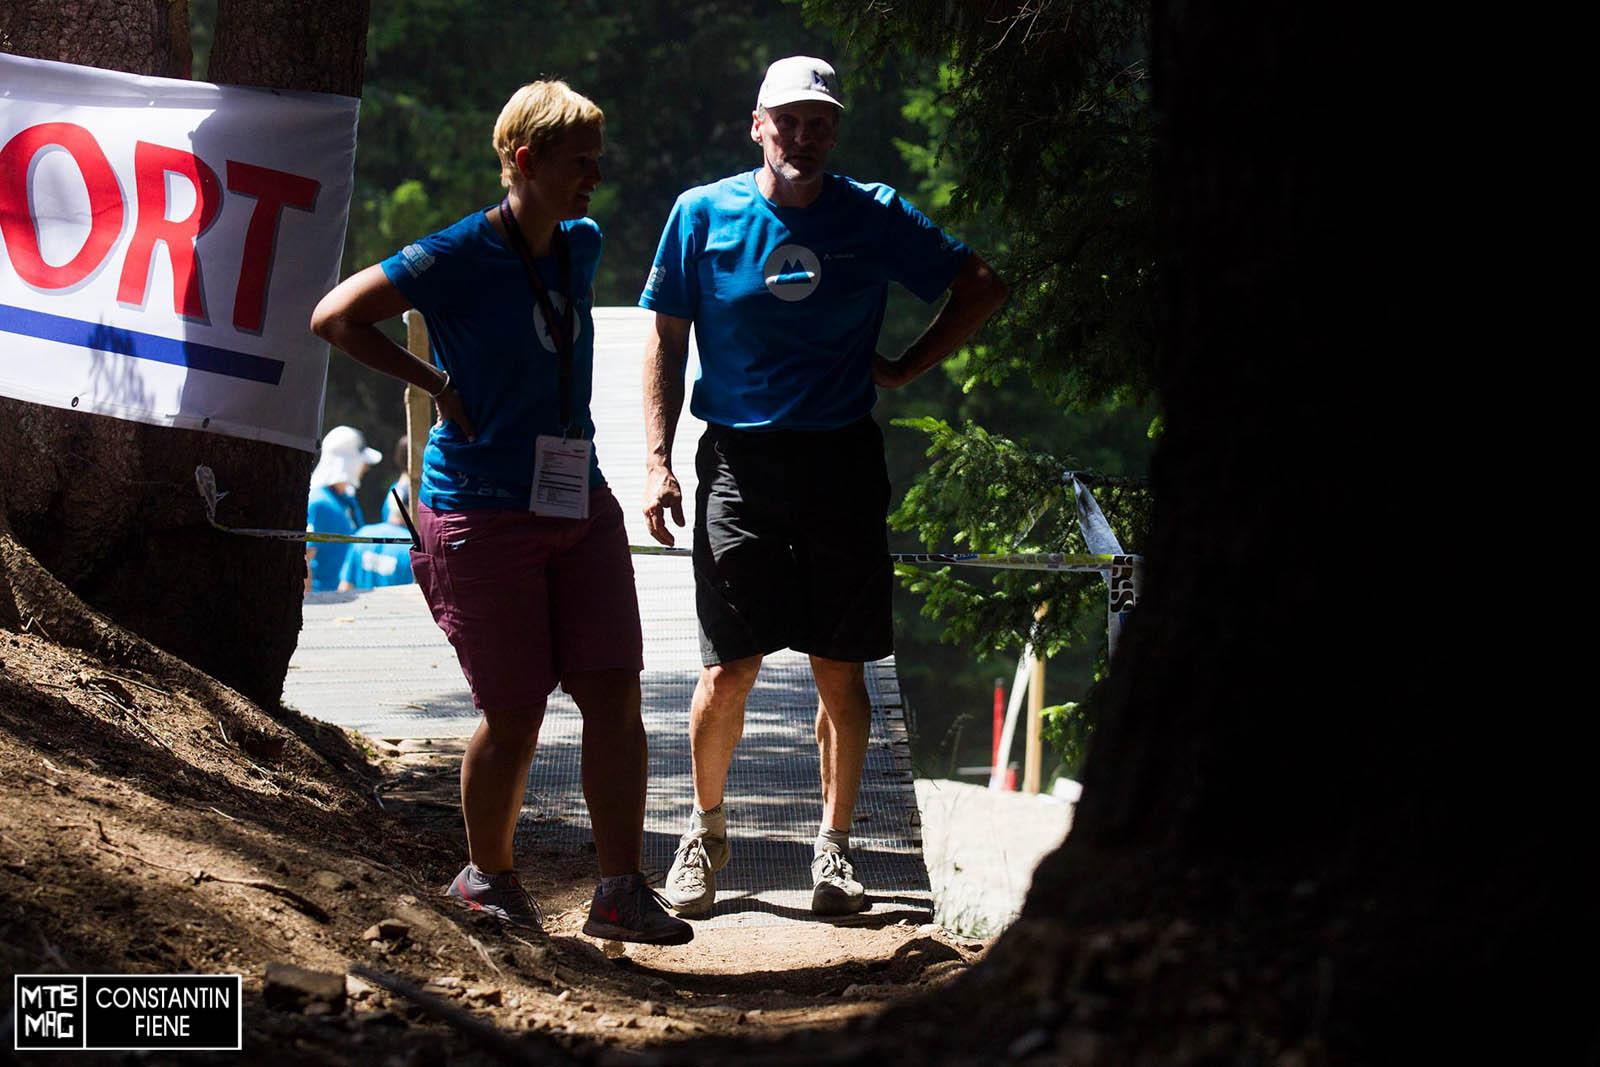 Aus dem gestrigen Vorfall mit Rachel Atherton haben die Schweizer gelernt. Während der Pausen wurde das Road- Gap gesperrt und bewacht.